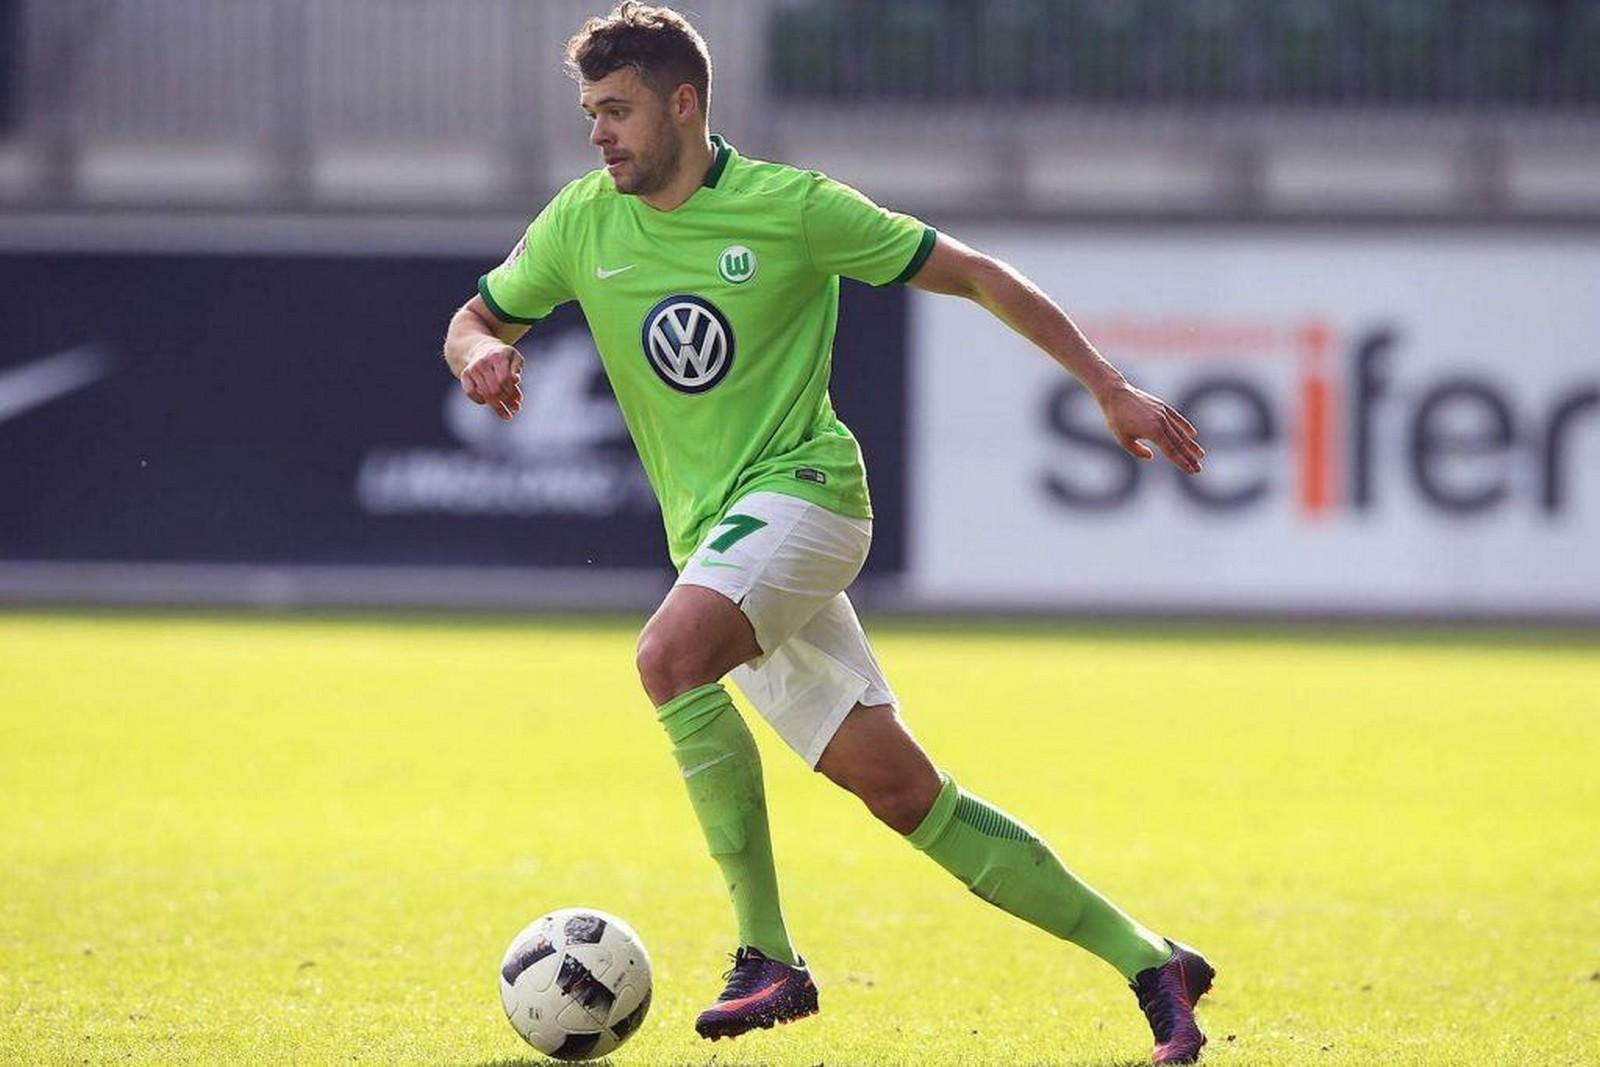 Robert Herrmann vom VfL Wolfsburg im Dribbling